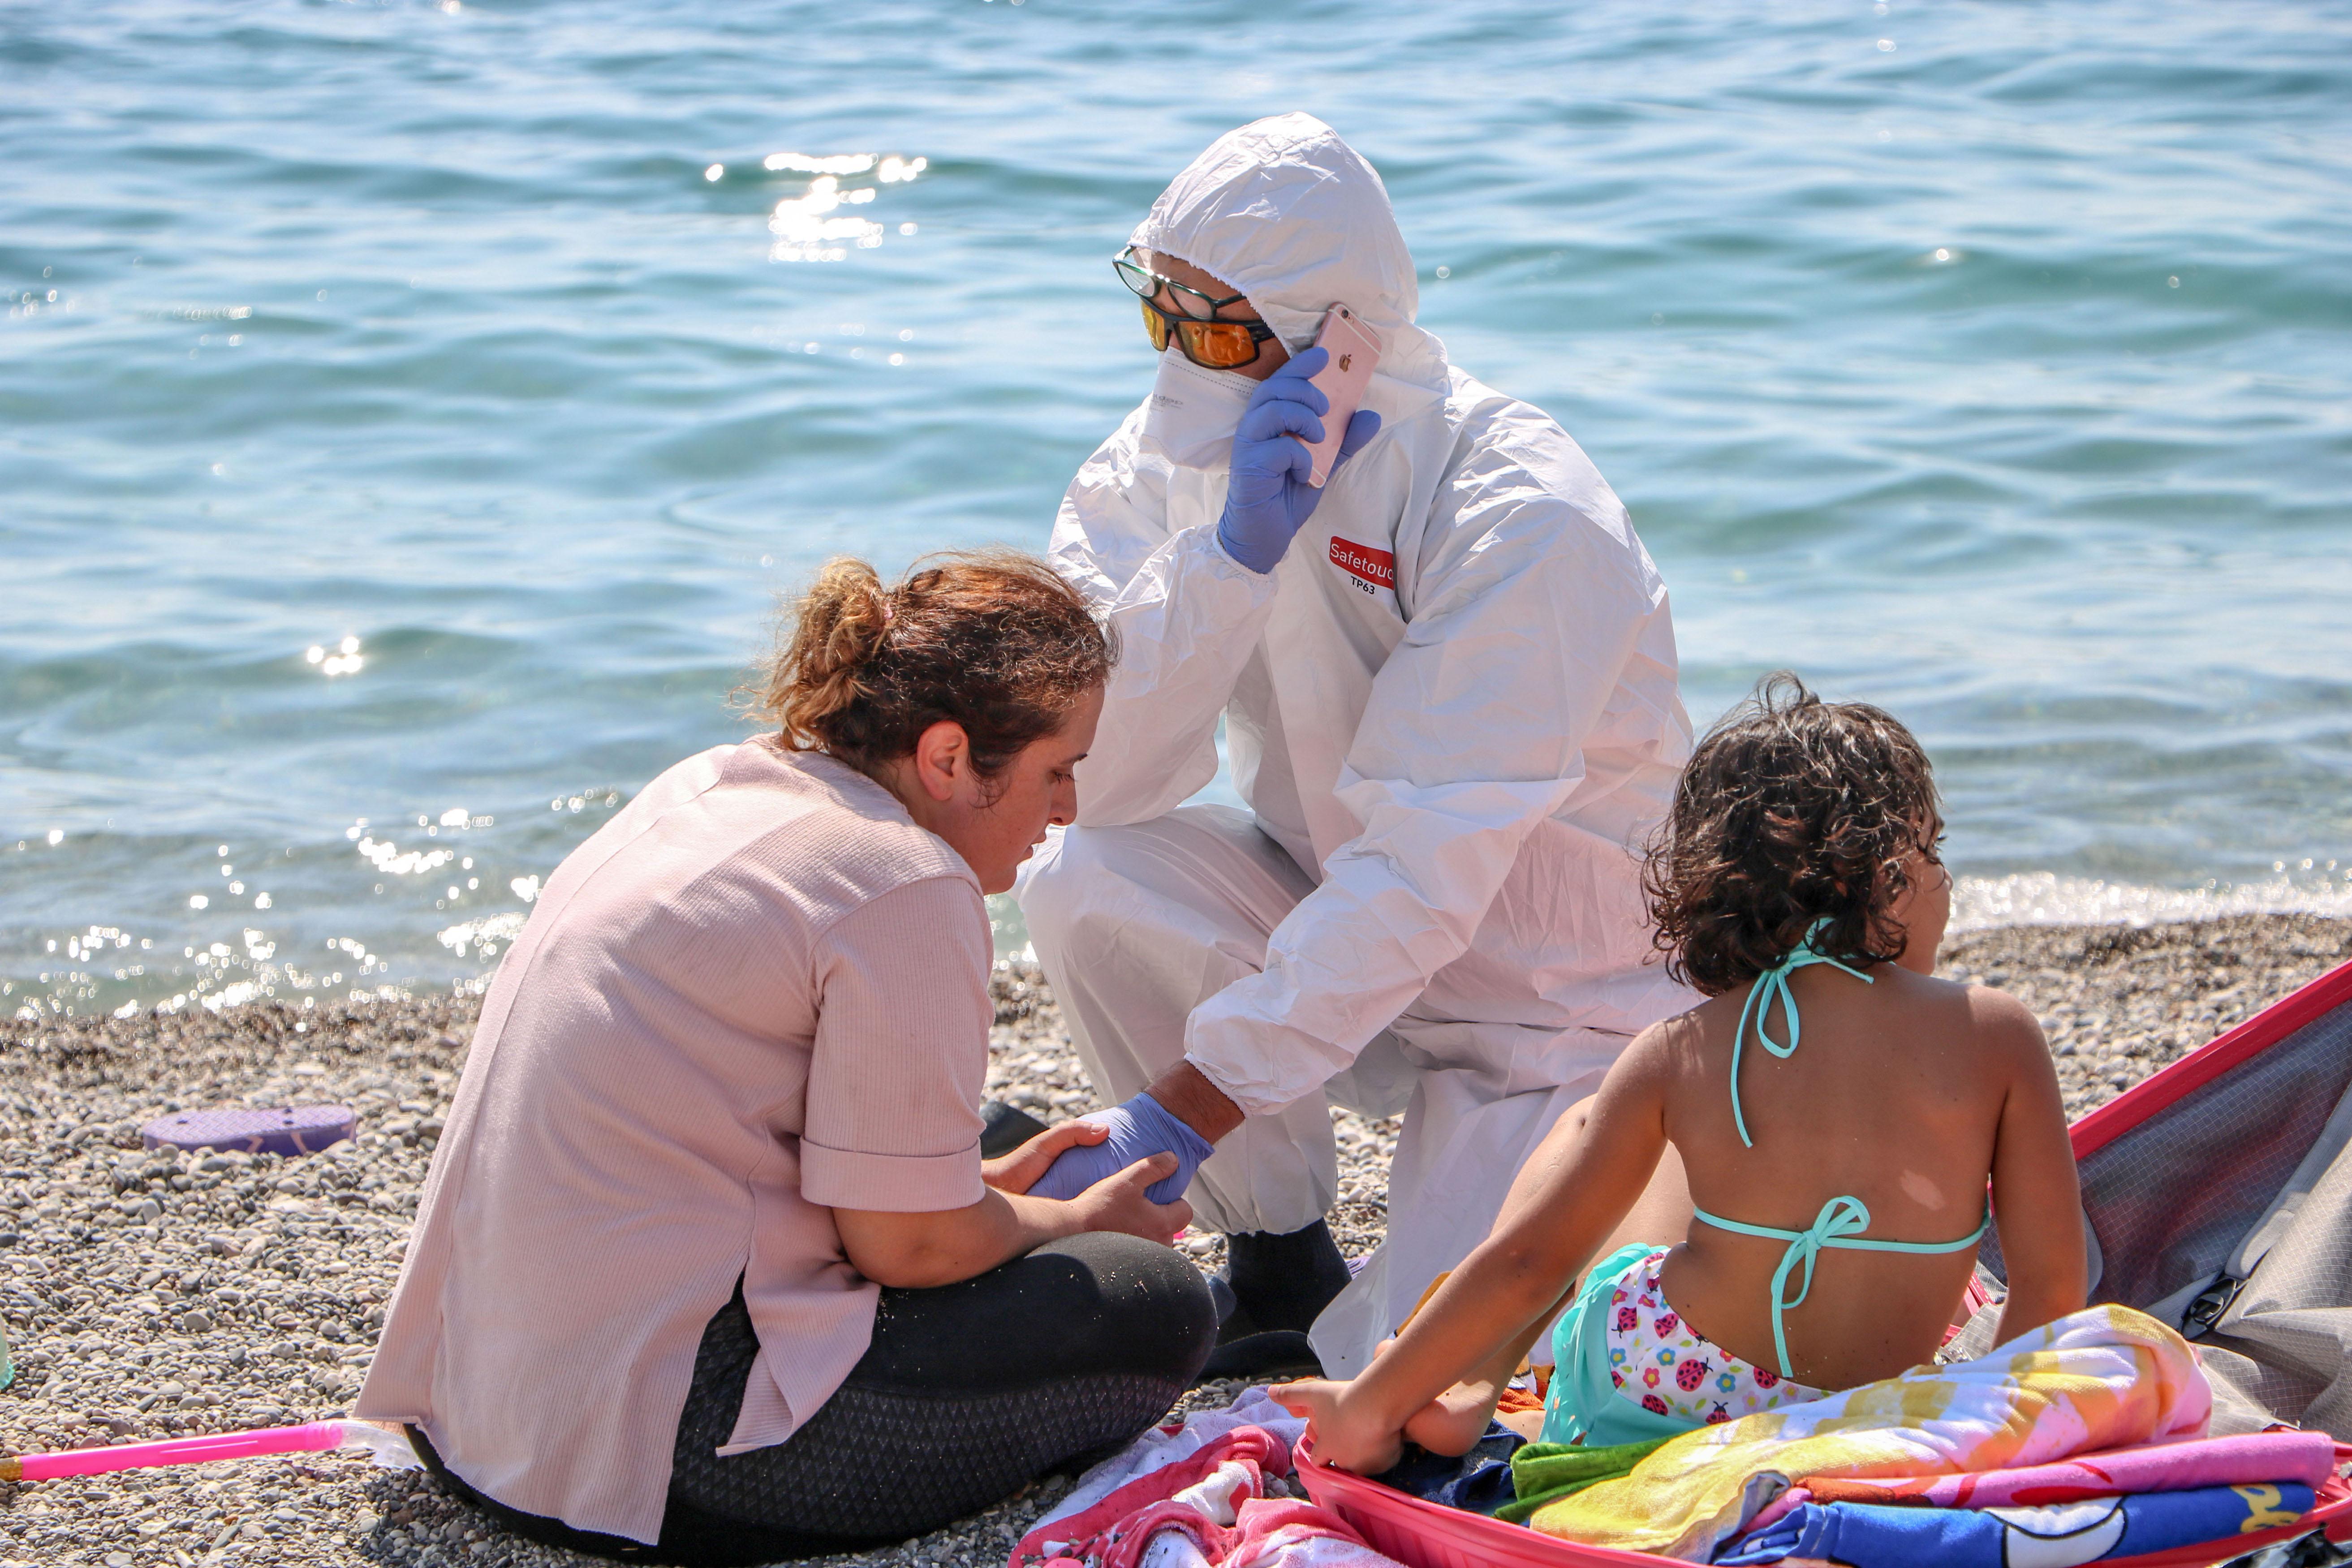 sahilde-olmek-istemiyorum-diye-aglayan-kadin-koronaviruslu-cikti-6844-dhaphoto5.jpg